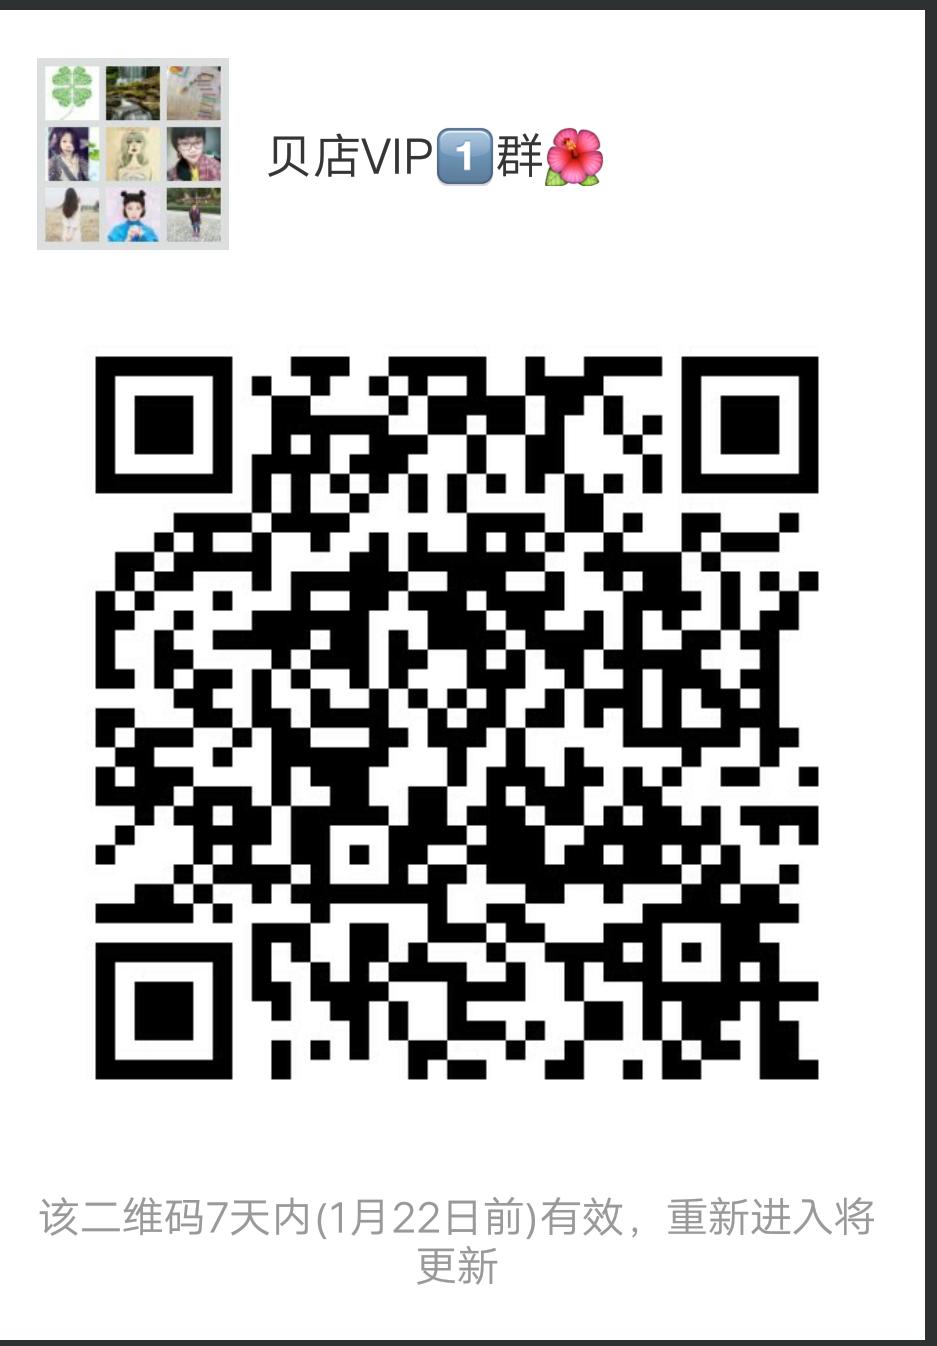 超级截屏_20180115_124423.png